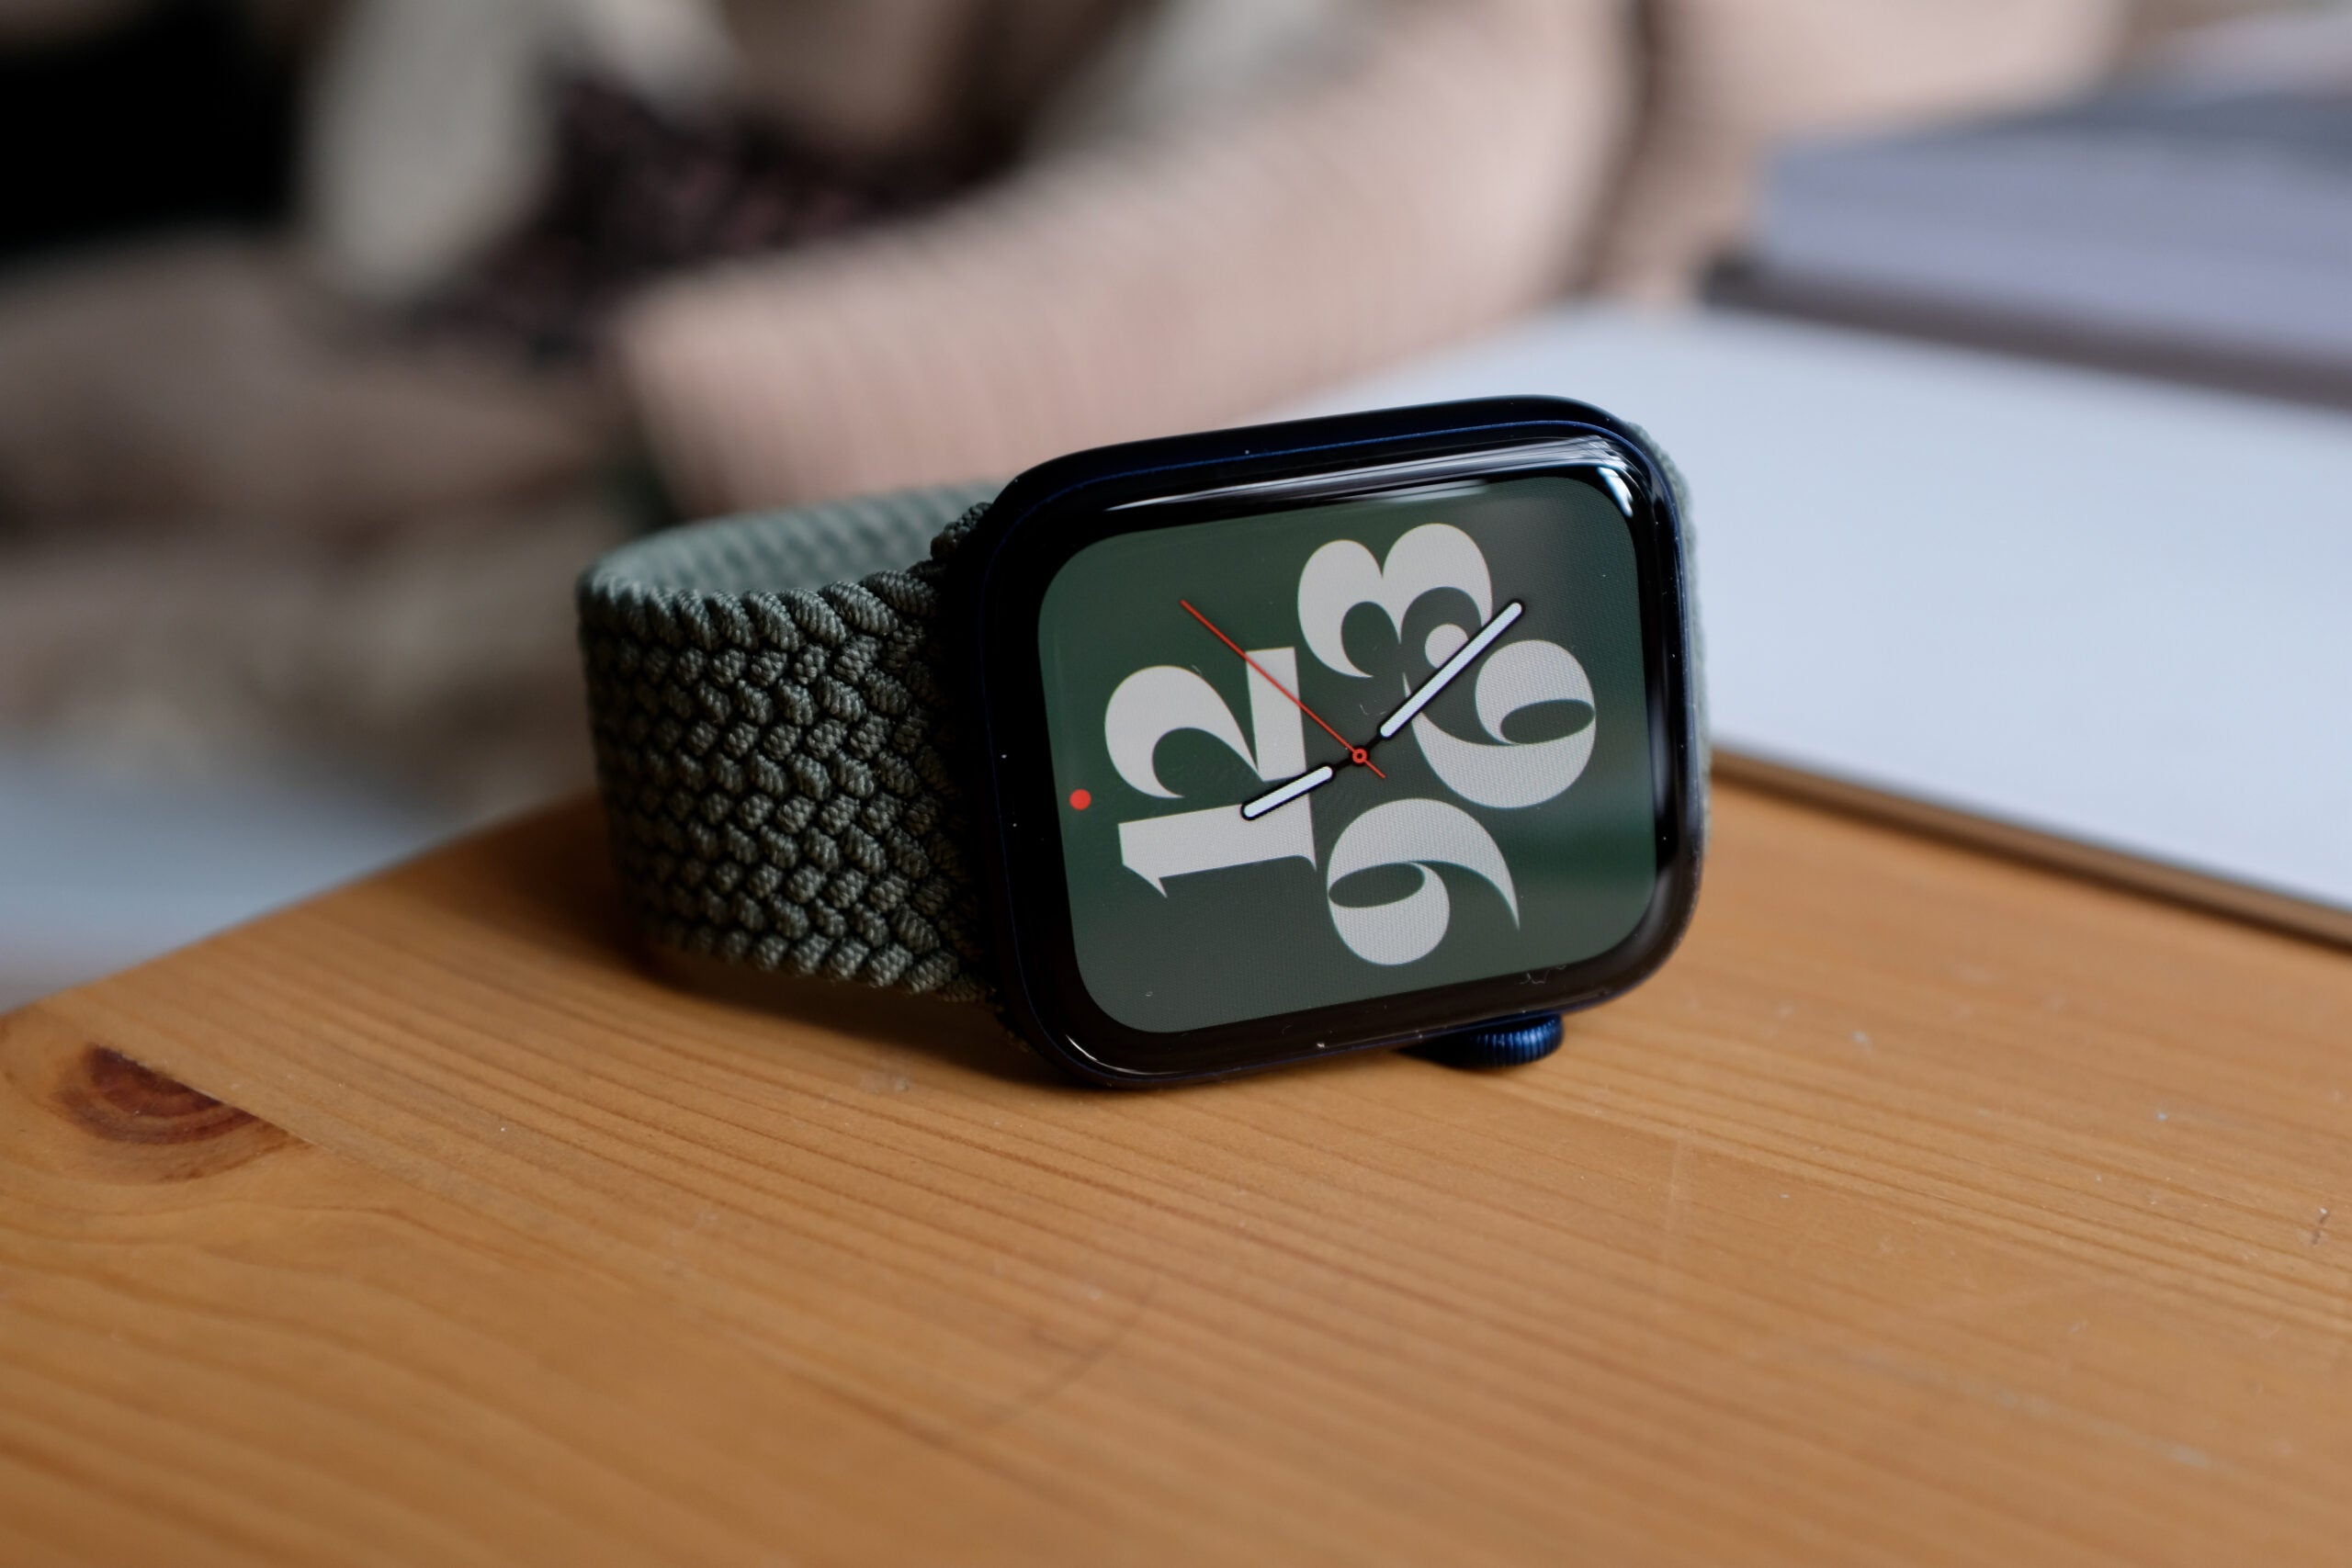 Sony's semi smartwatch